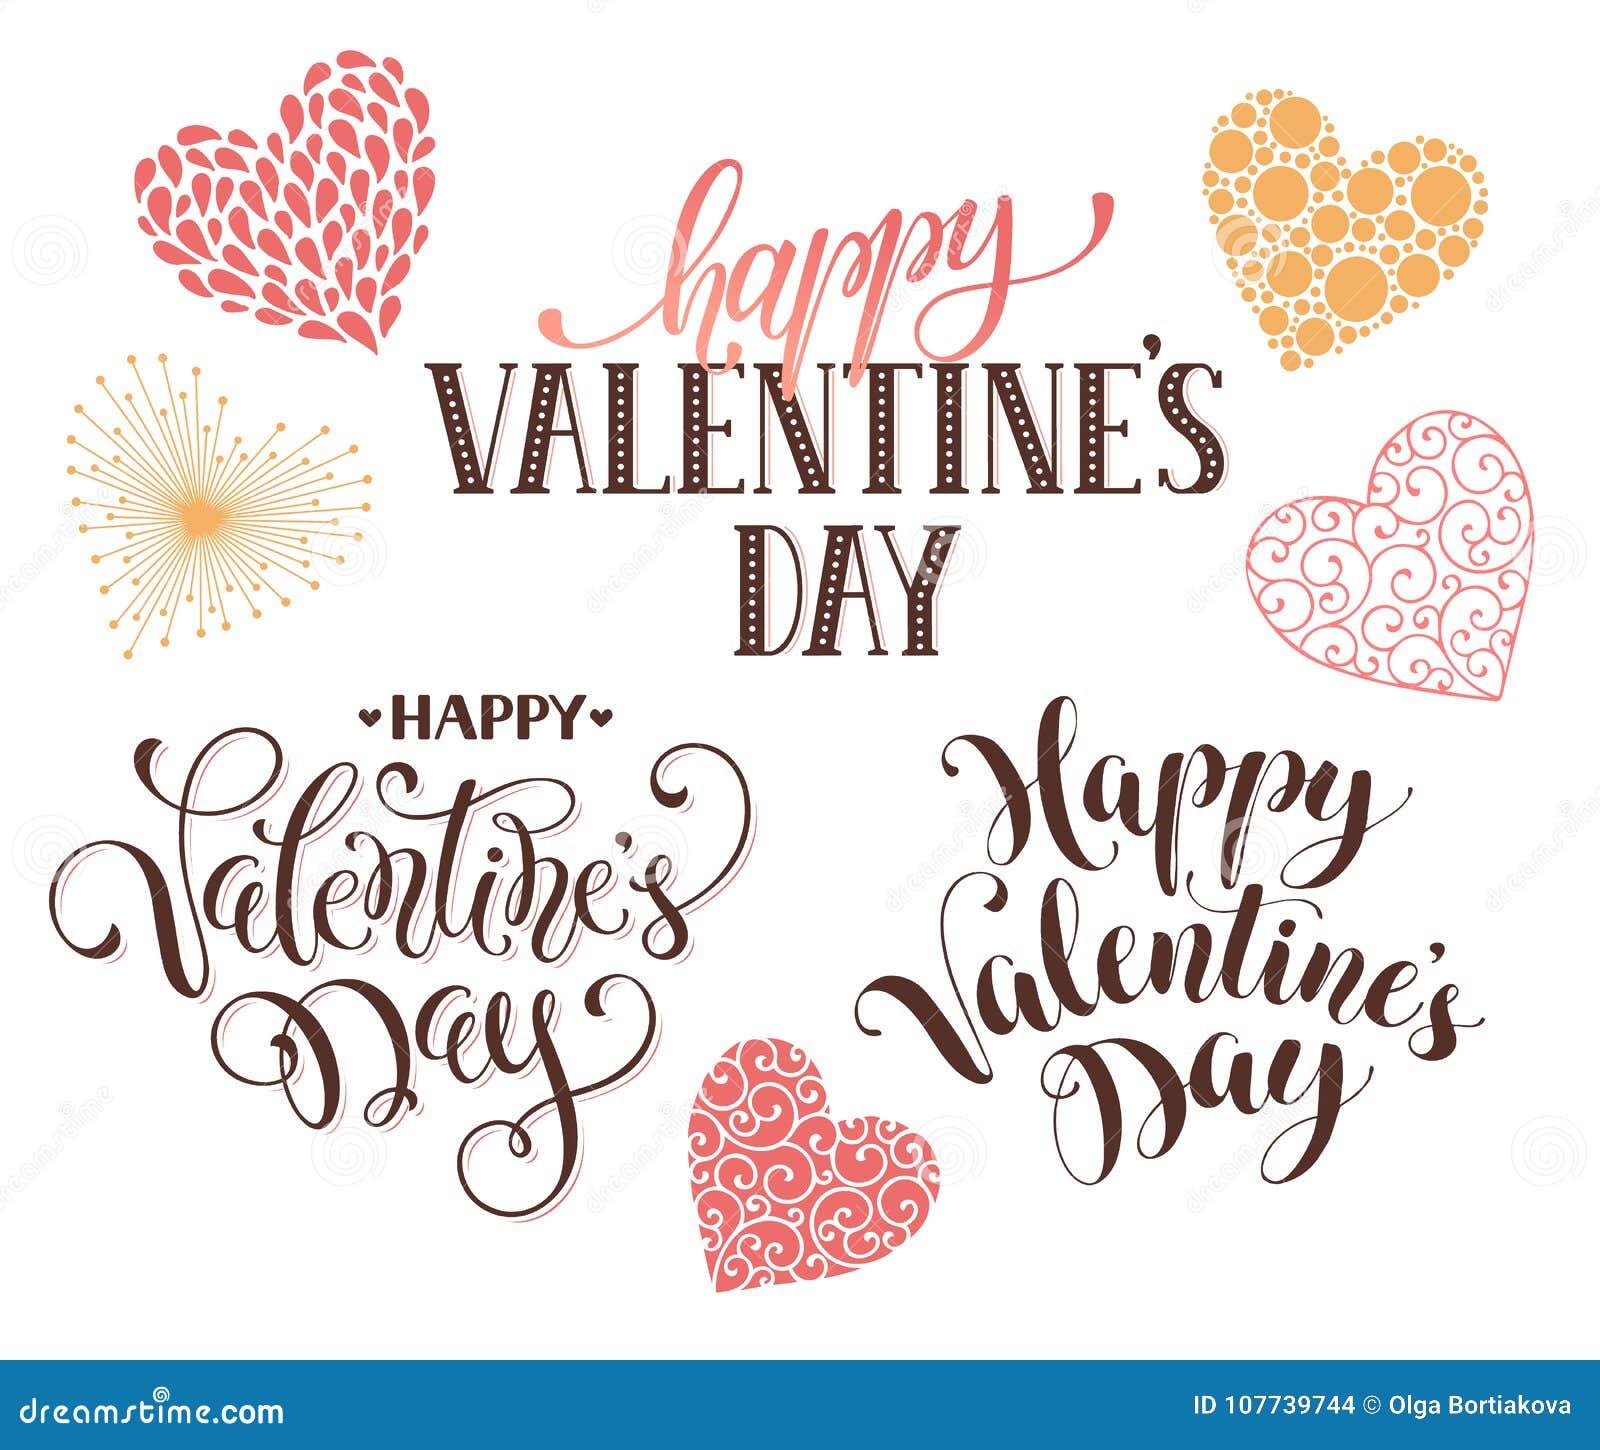 happy valentine day phrases